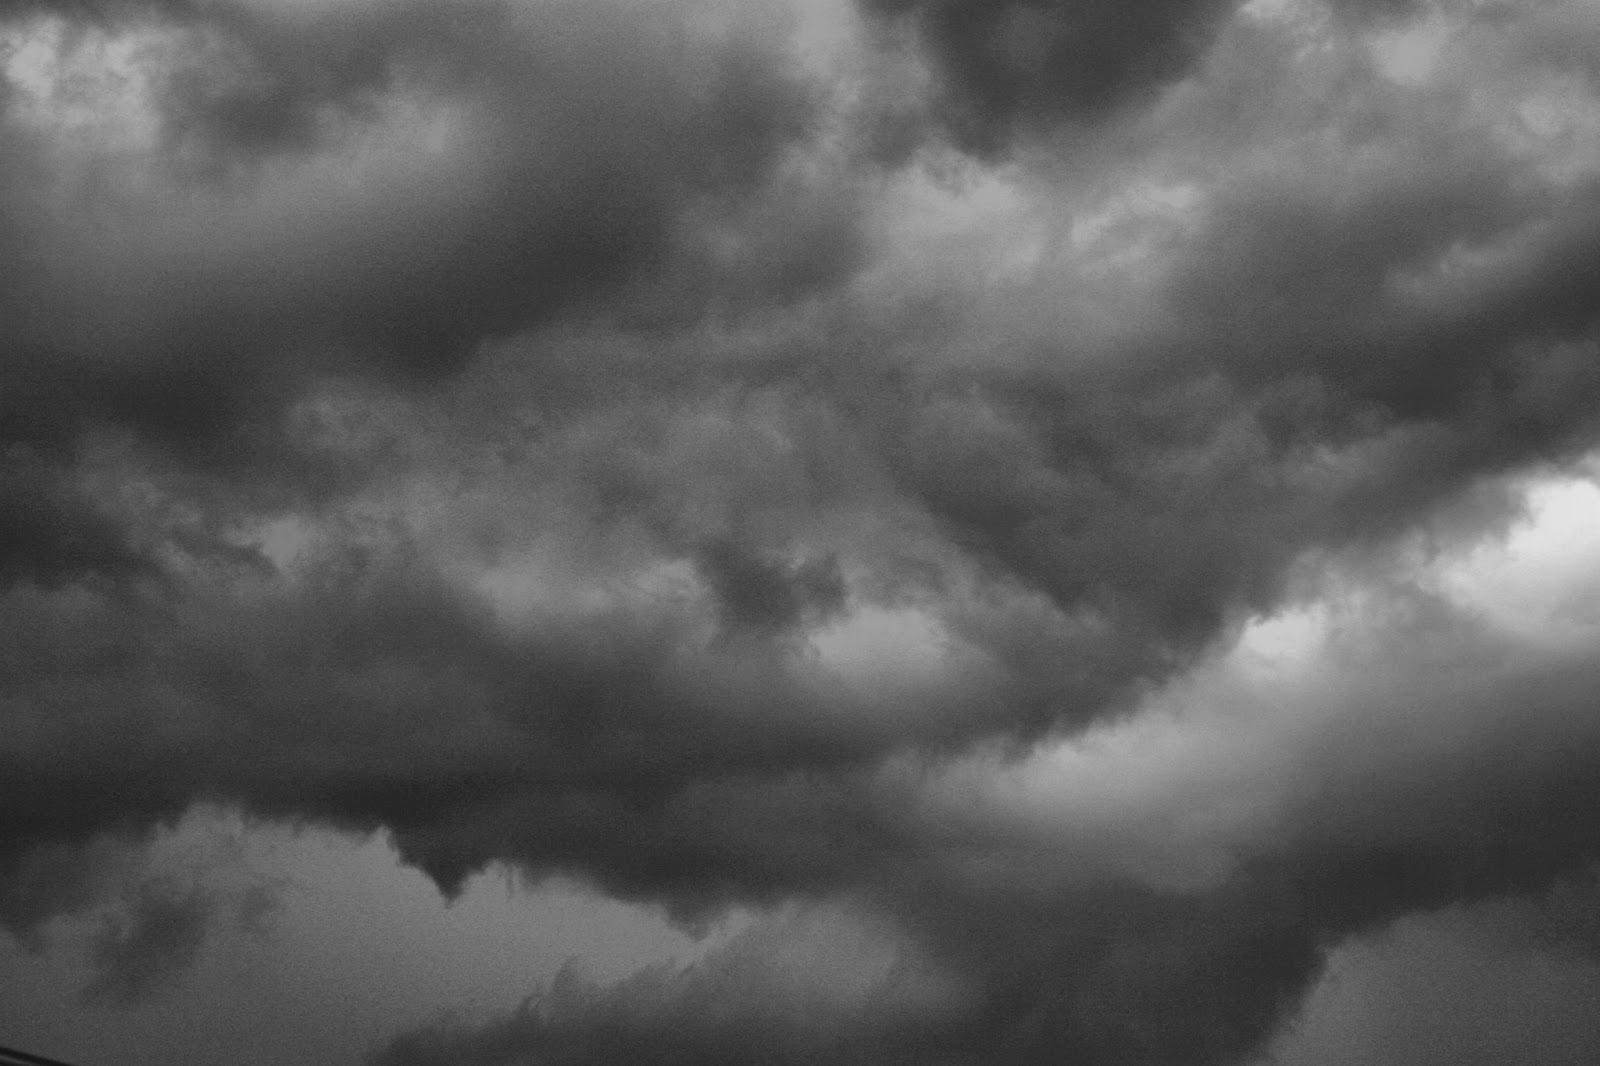 dark-storm-clouds_94262